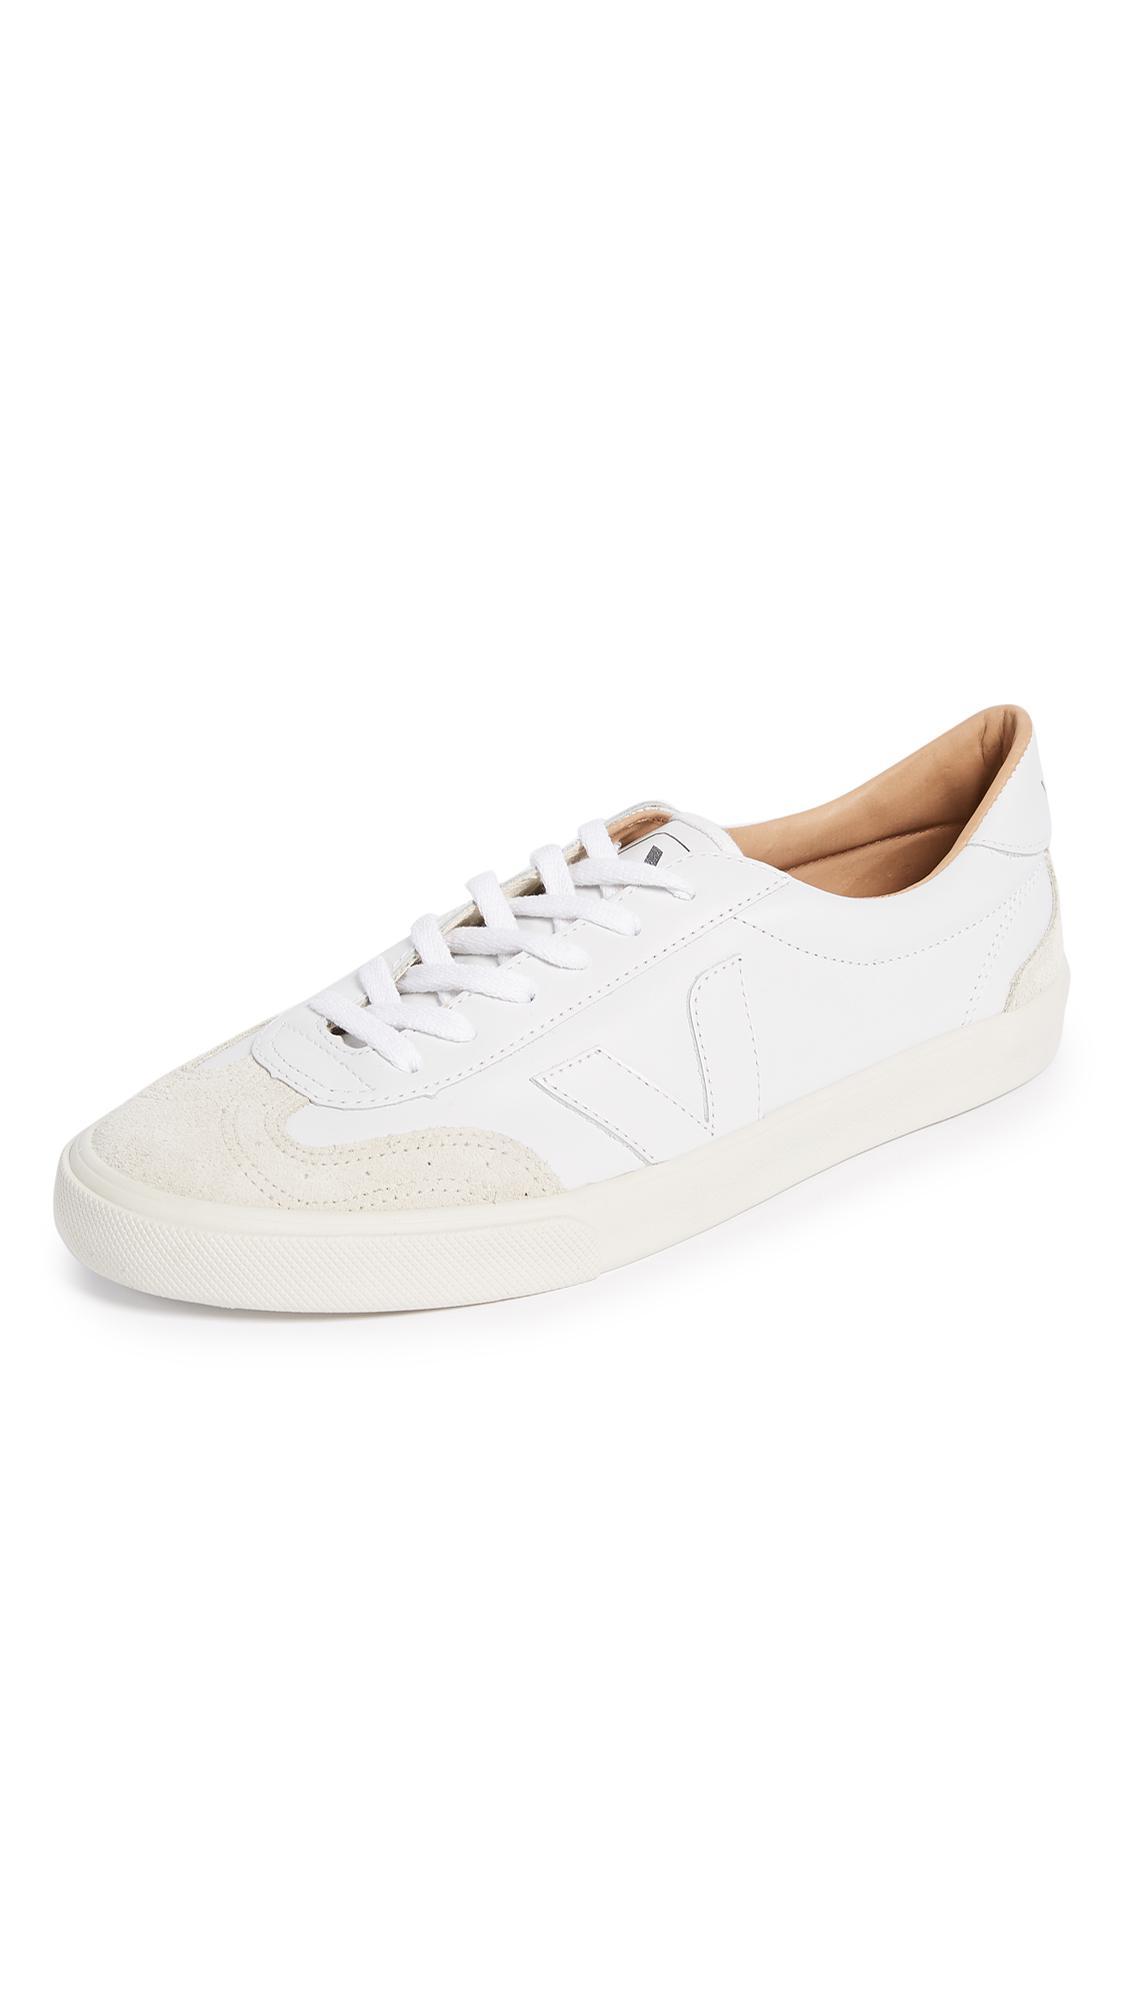 Veja Leather Bastille Volley Sneaker in